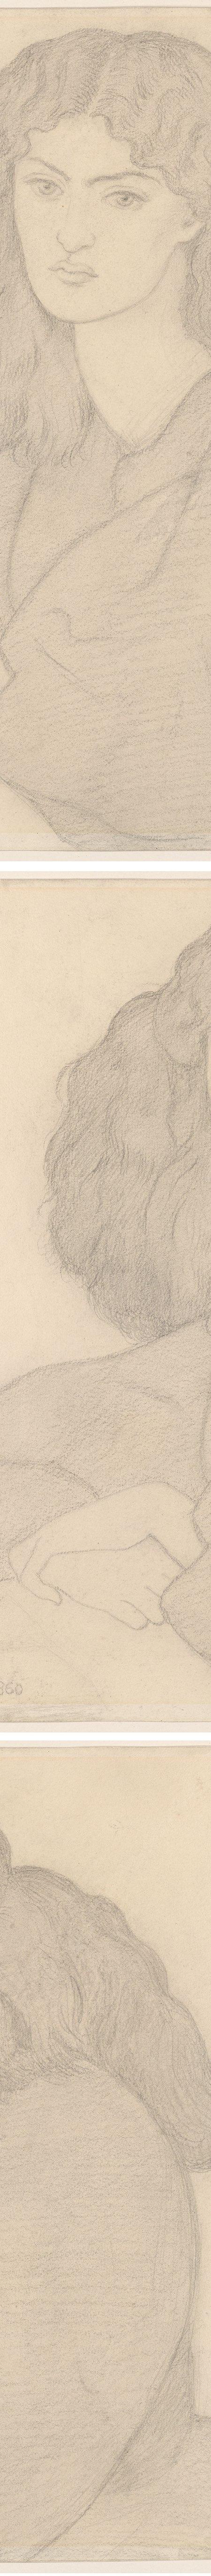 Portrait of Mrs. William Morris, née Jane Burden, Dante Gabriel Rossetti, graphite on paper (details)